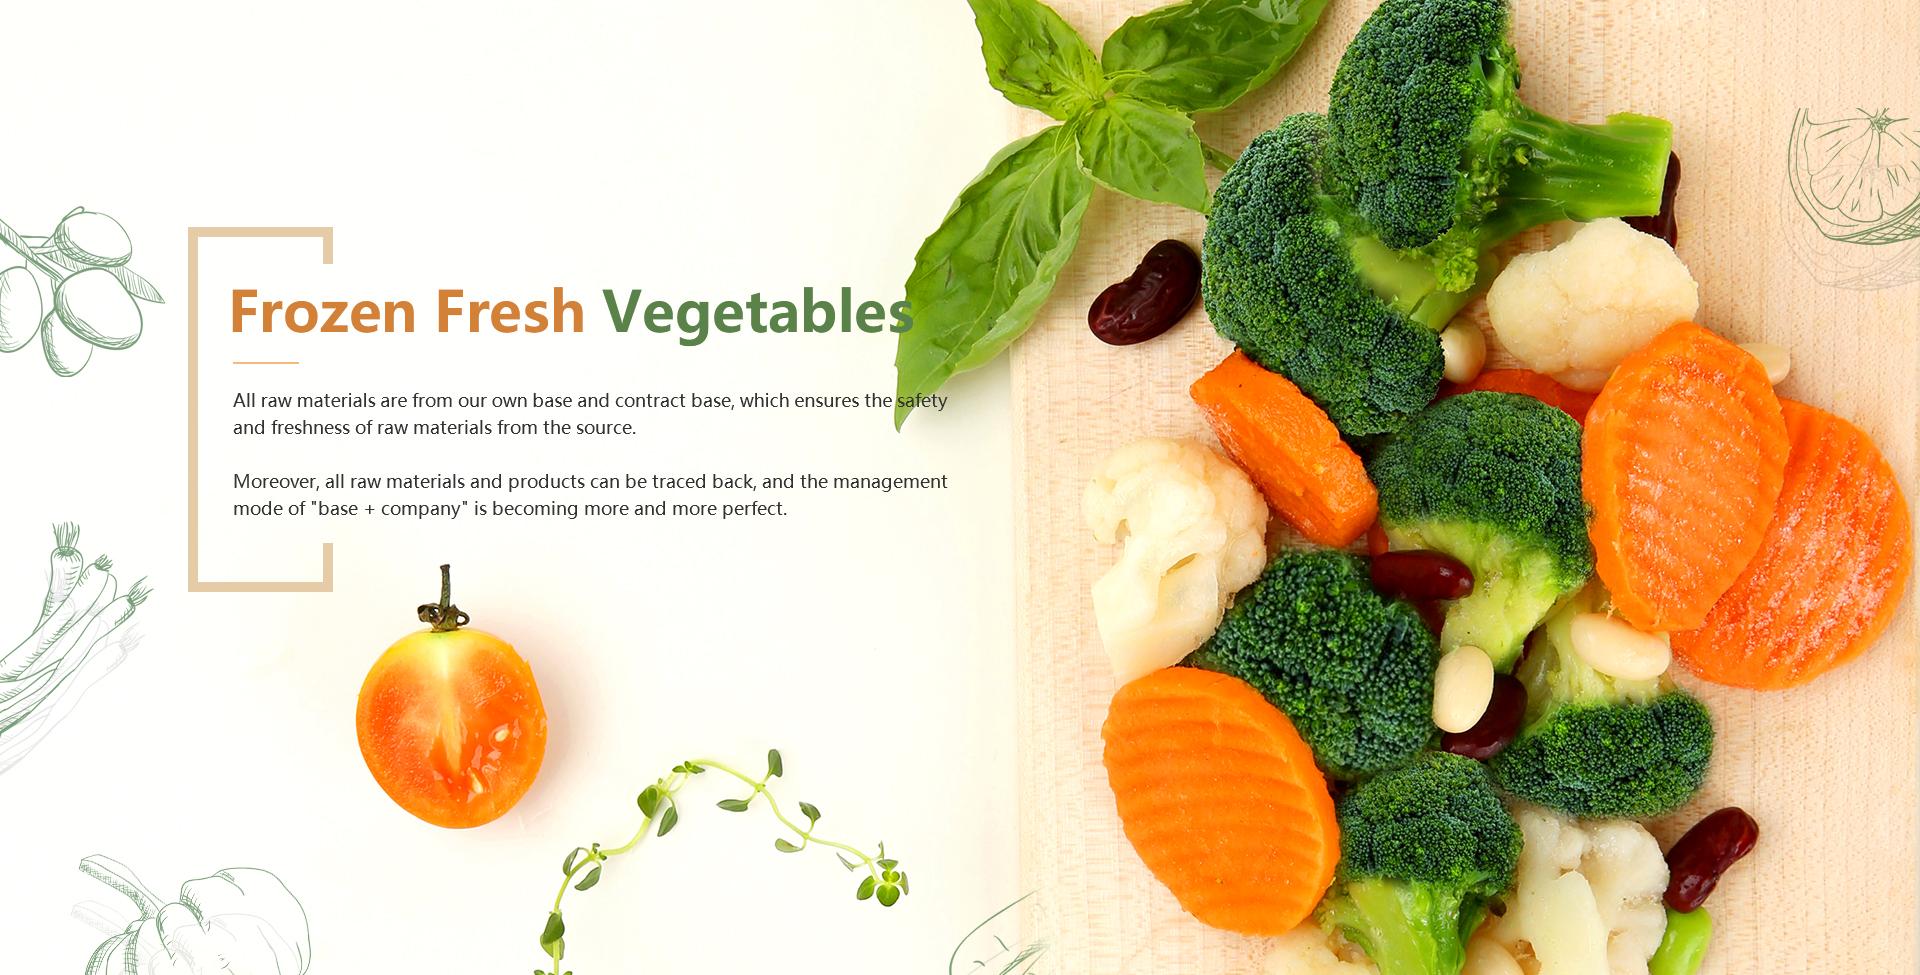 Zhejiang Yinhe Food Co Ltd